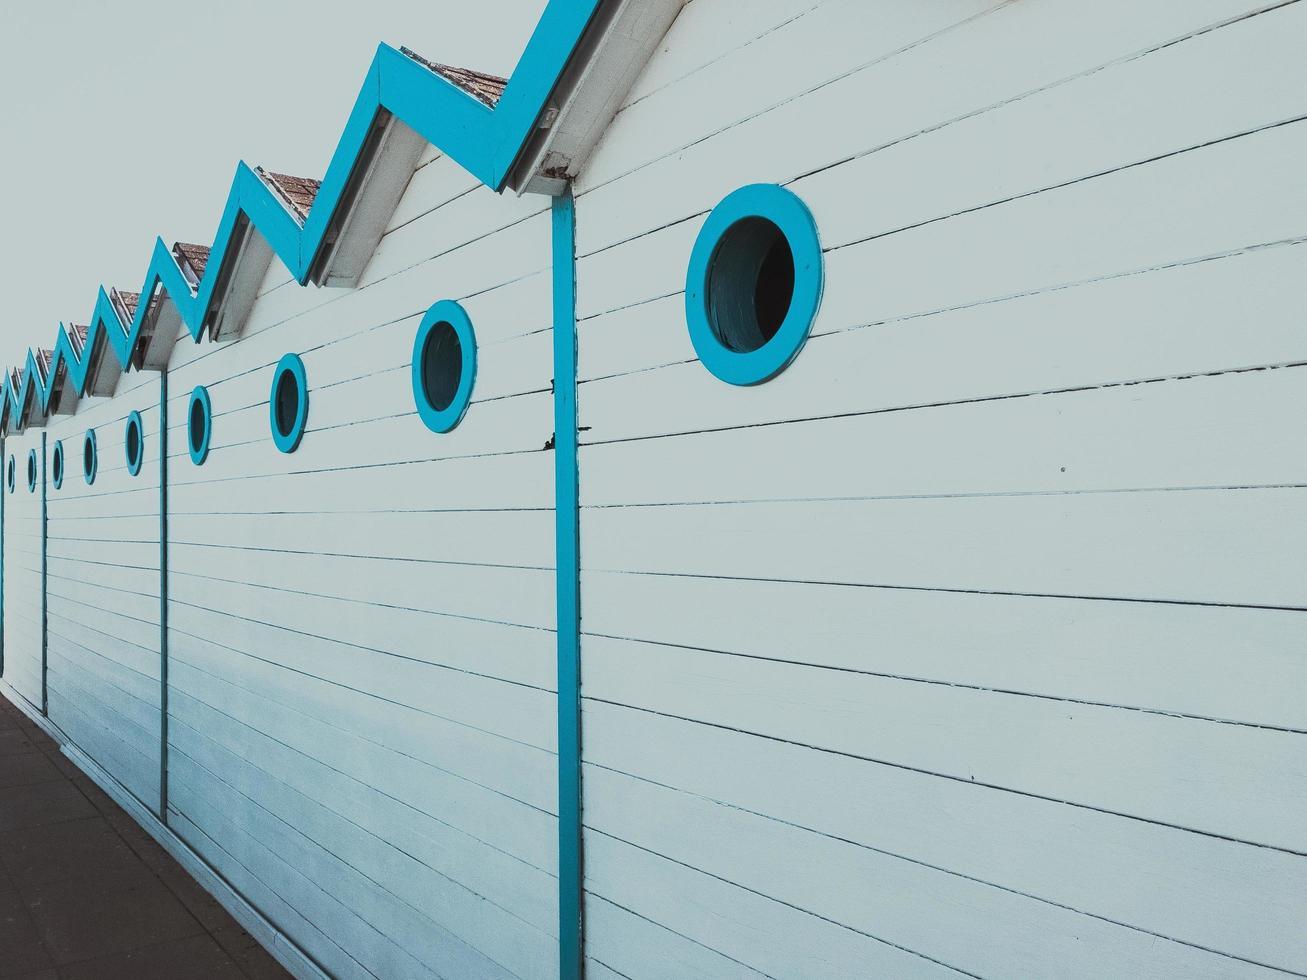 revêtement de bâtiment blanc et bleu photo